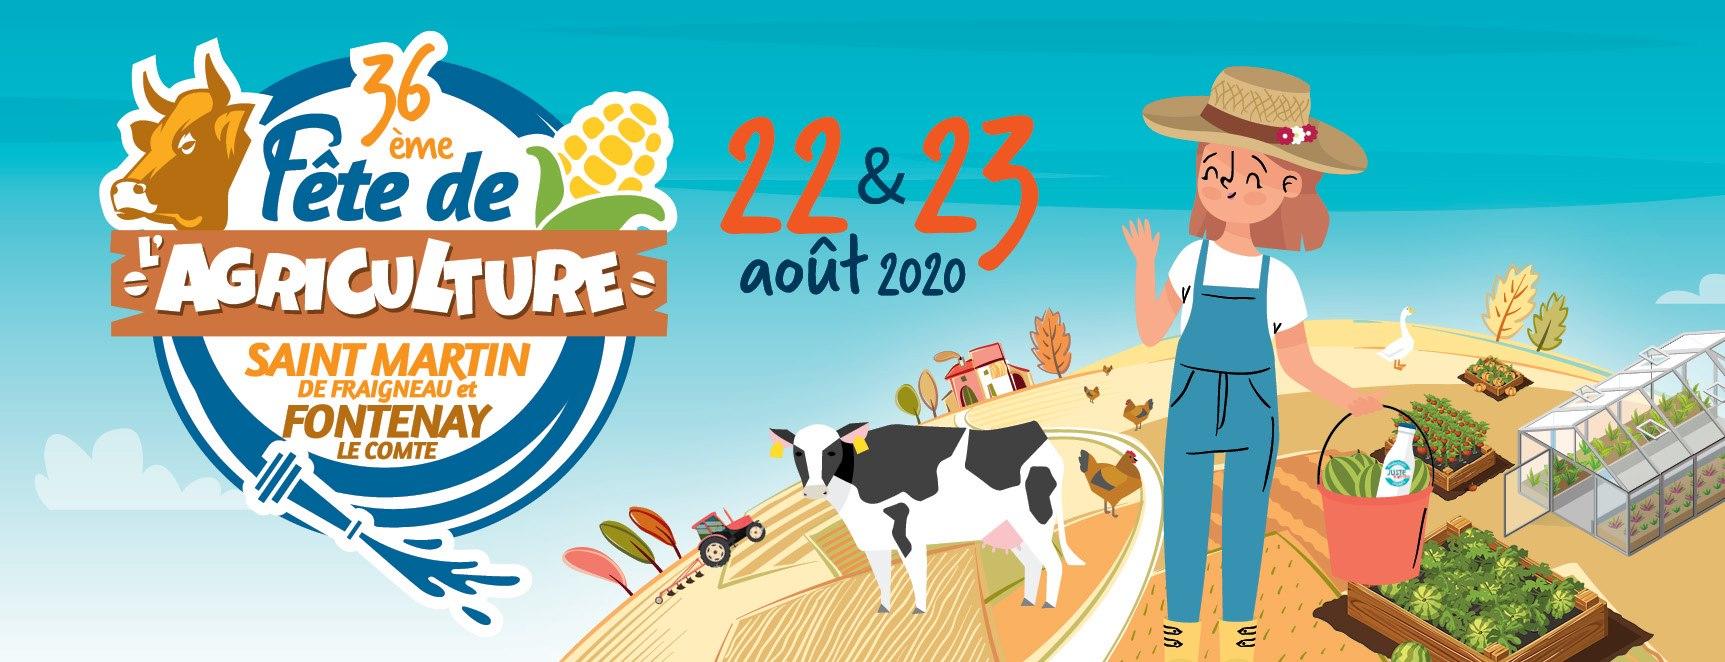 Annulation de la 36ème Fête Départementale de l'Agriculture de Vendée